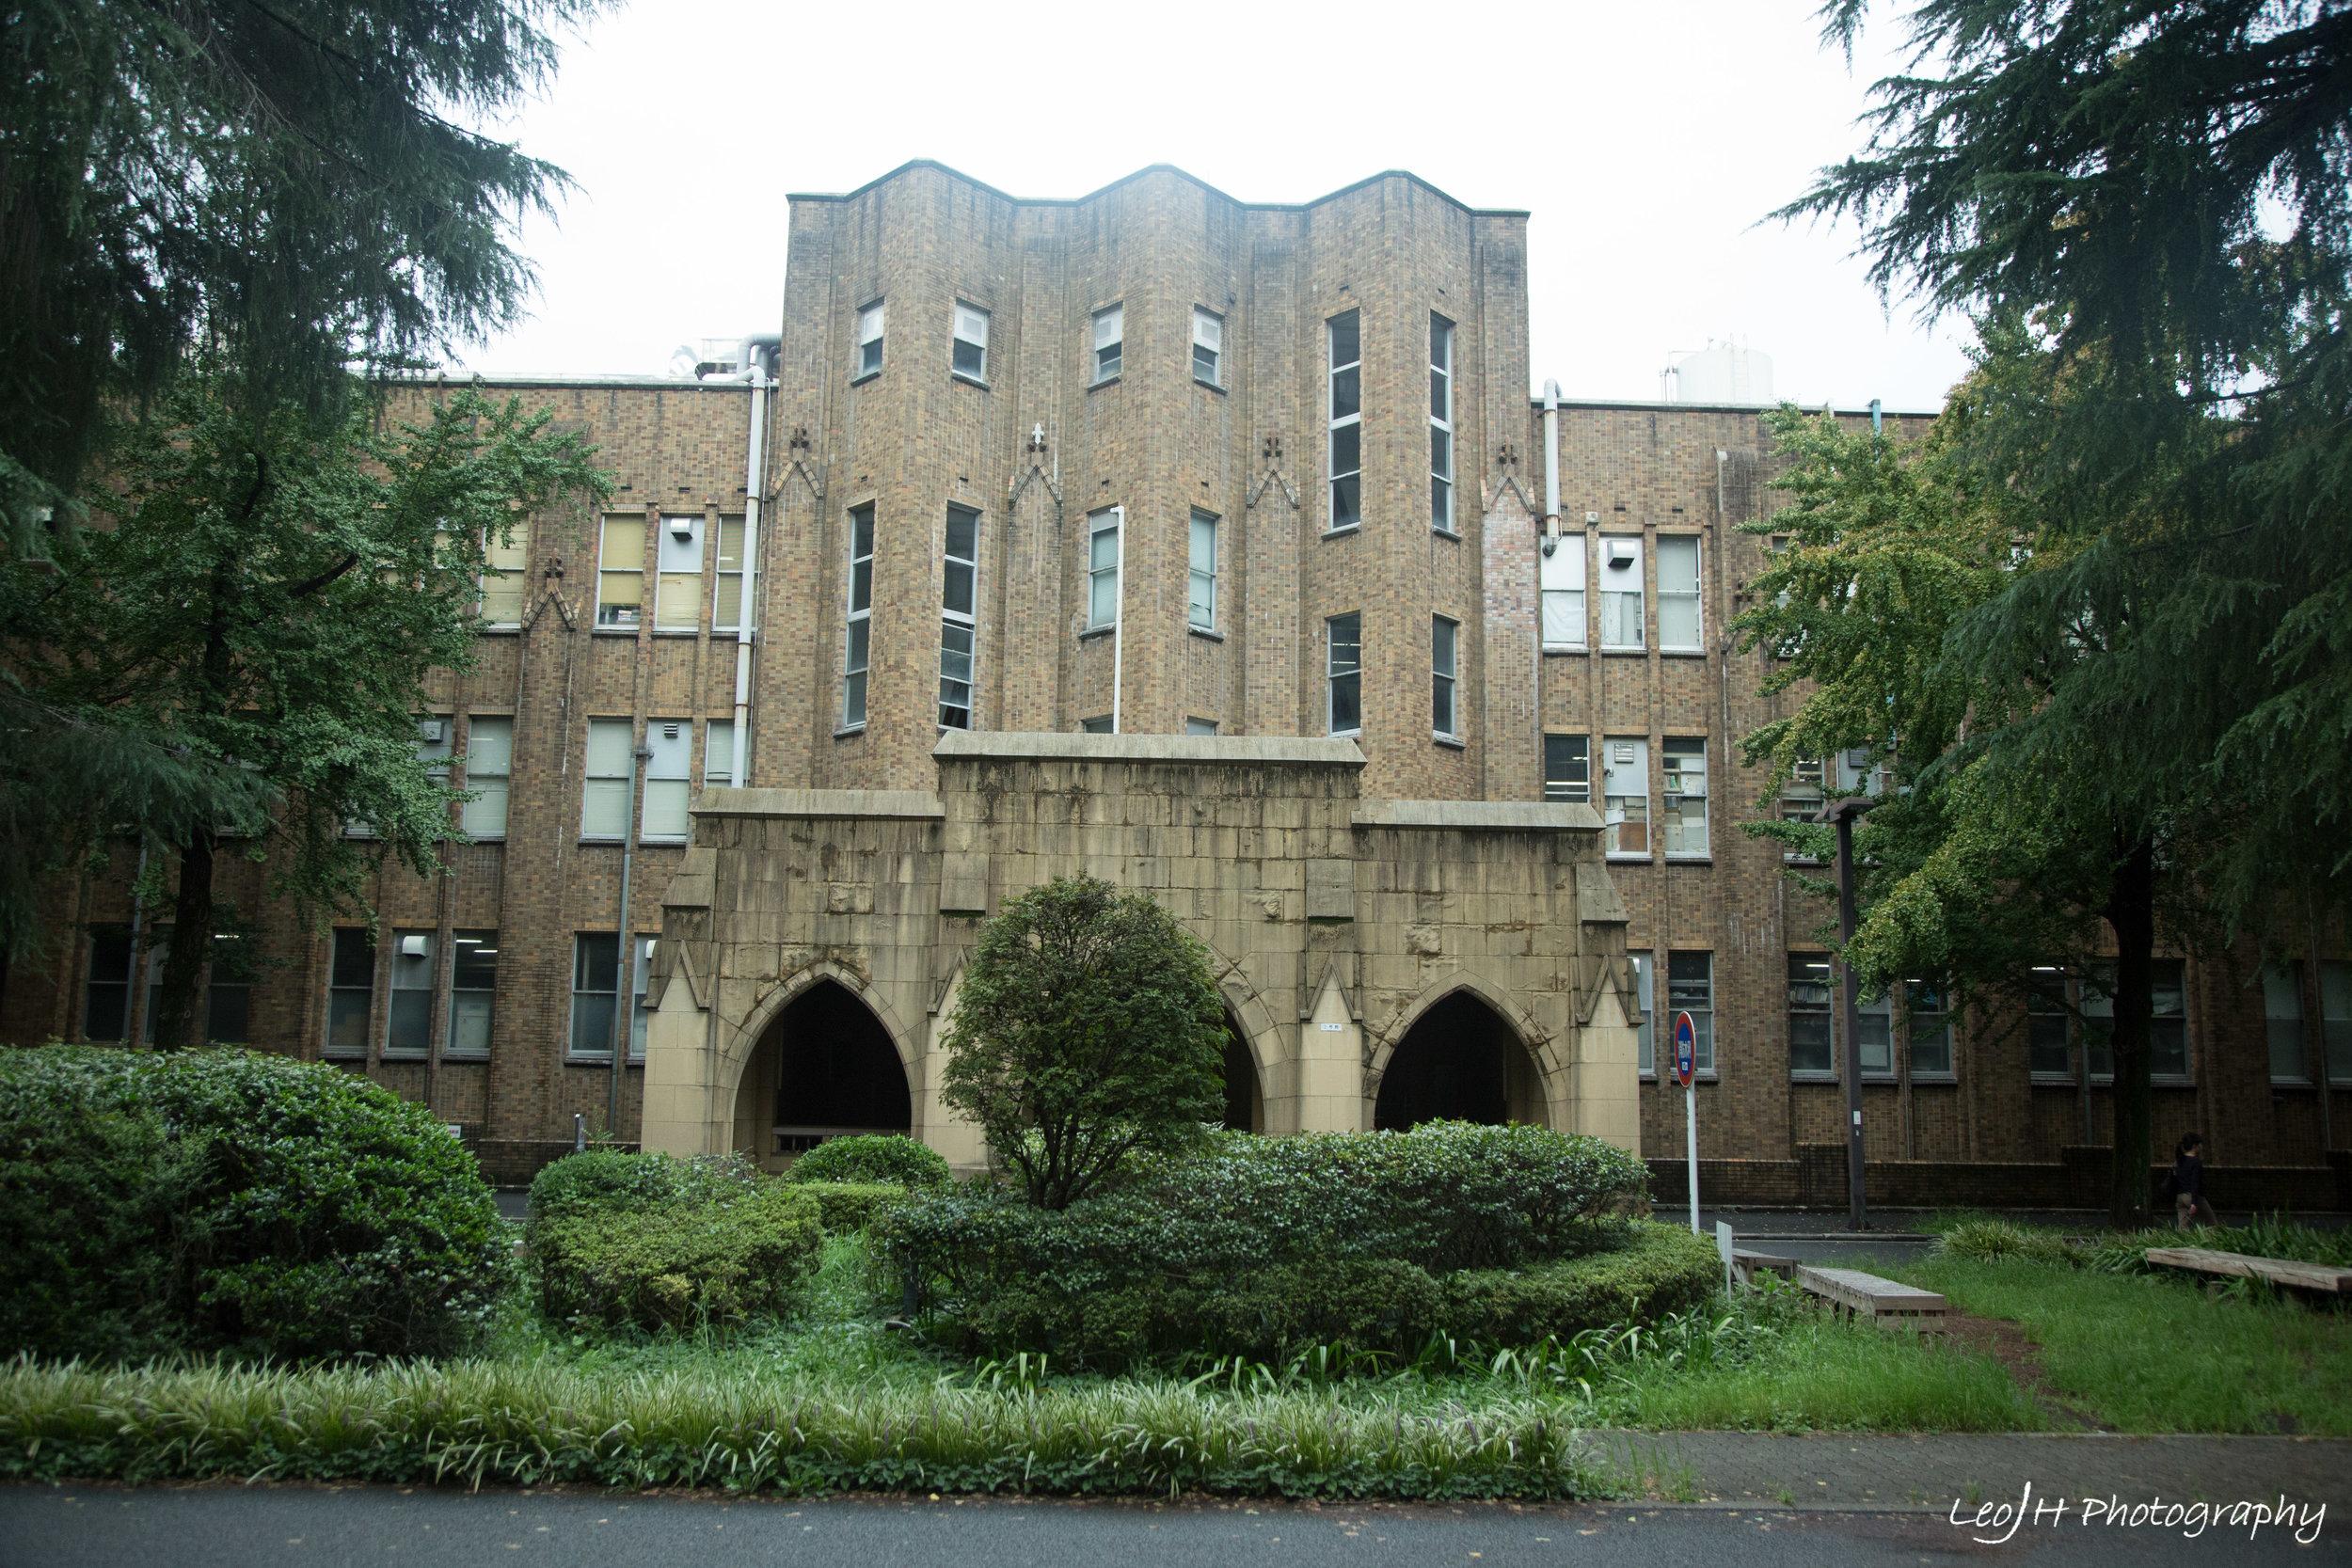 Buildings at Tokyo University